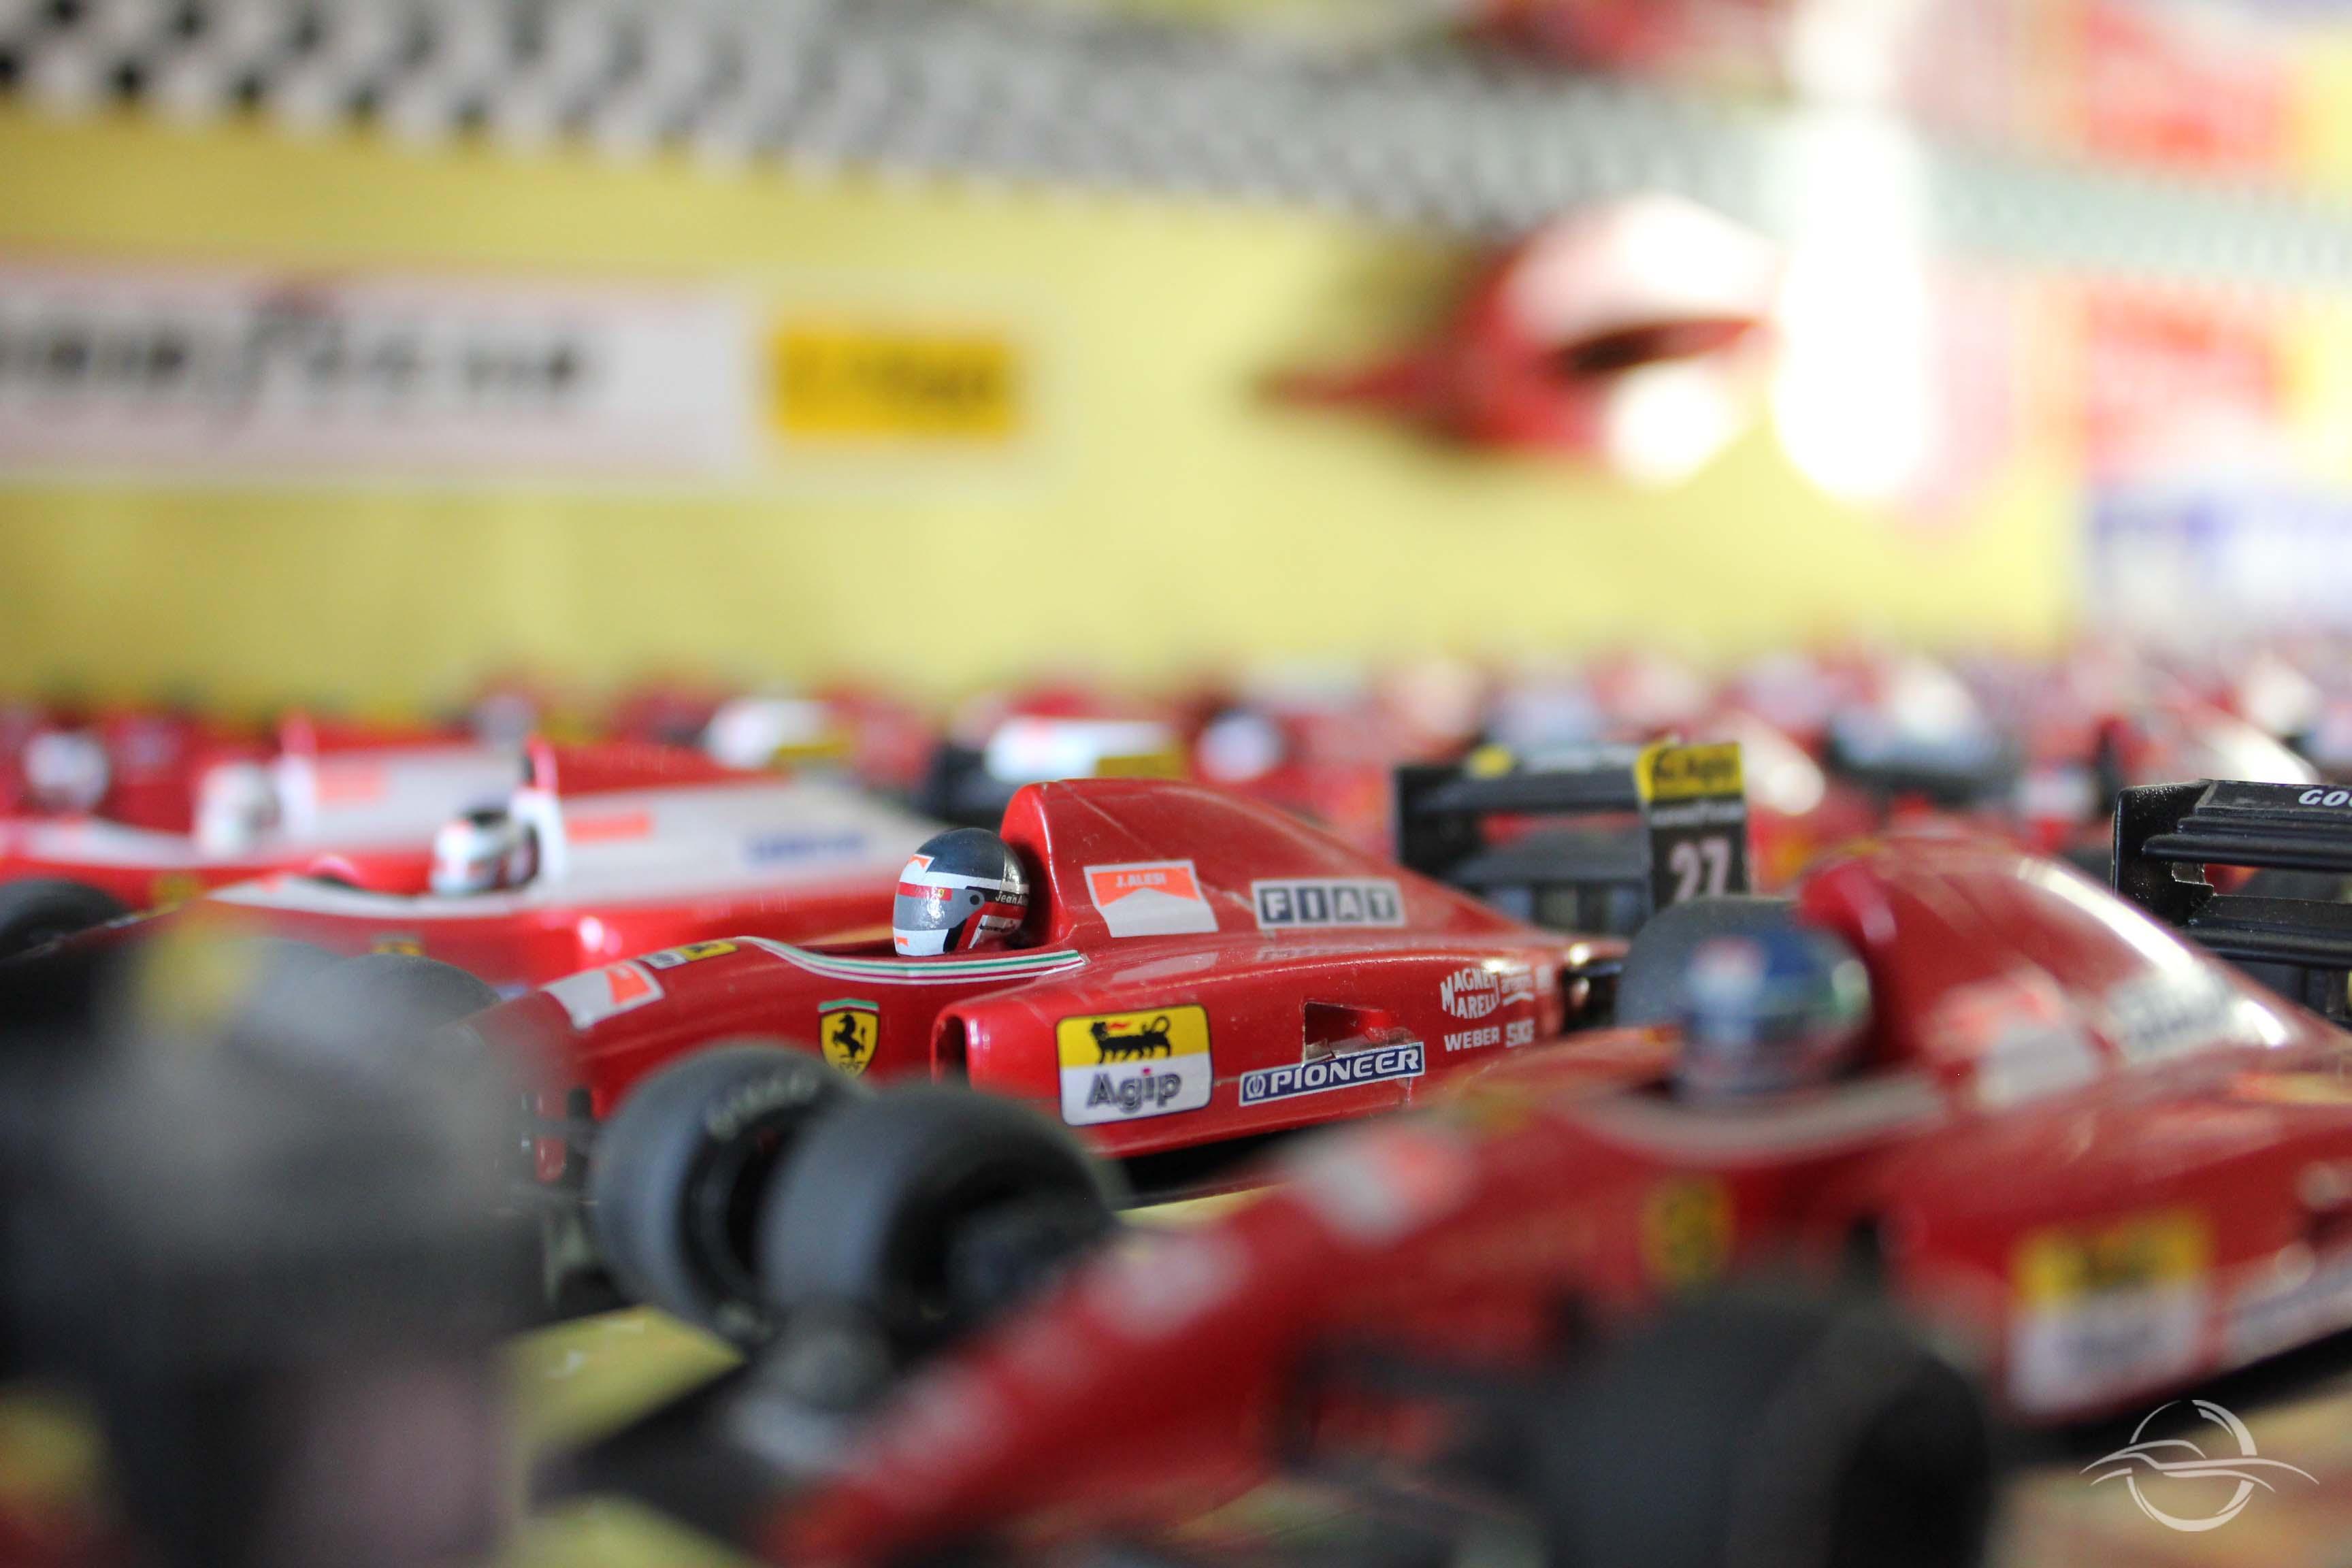 modellimo macchina Gilles Villeneuve dalla collezione di Morselli